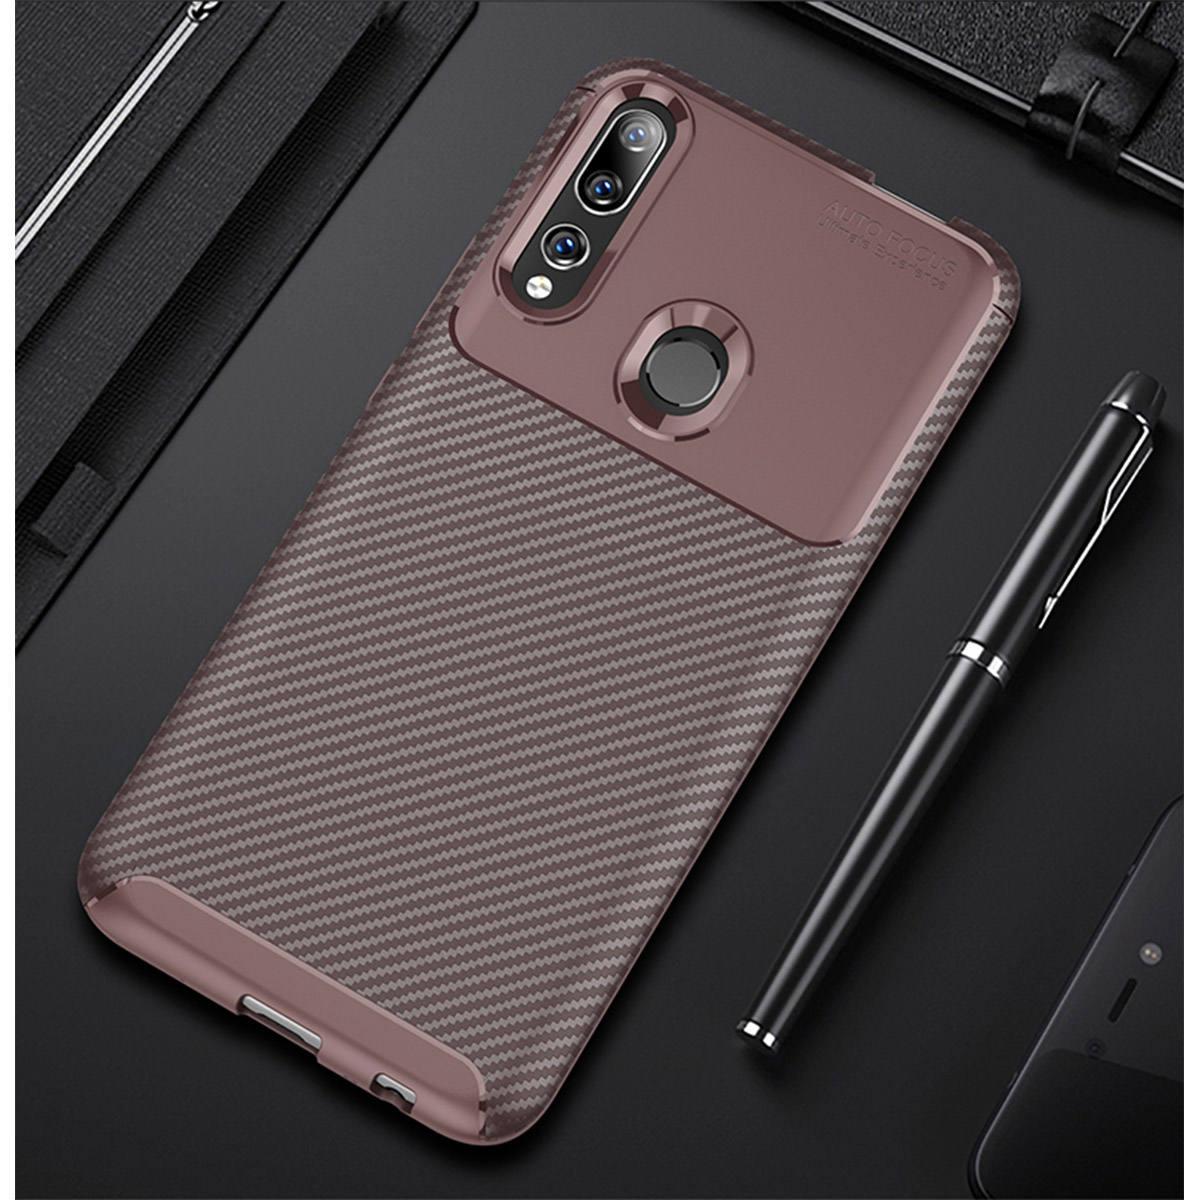 کاور لاین کینگ مدل A21 مناسب برای گوشی موبایل هوآوی Y9 Prime 2019 / آنر 9X thumb 2 25